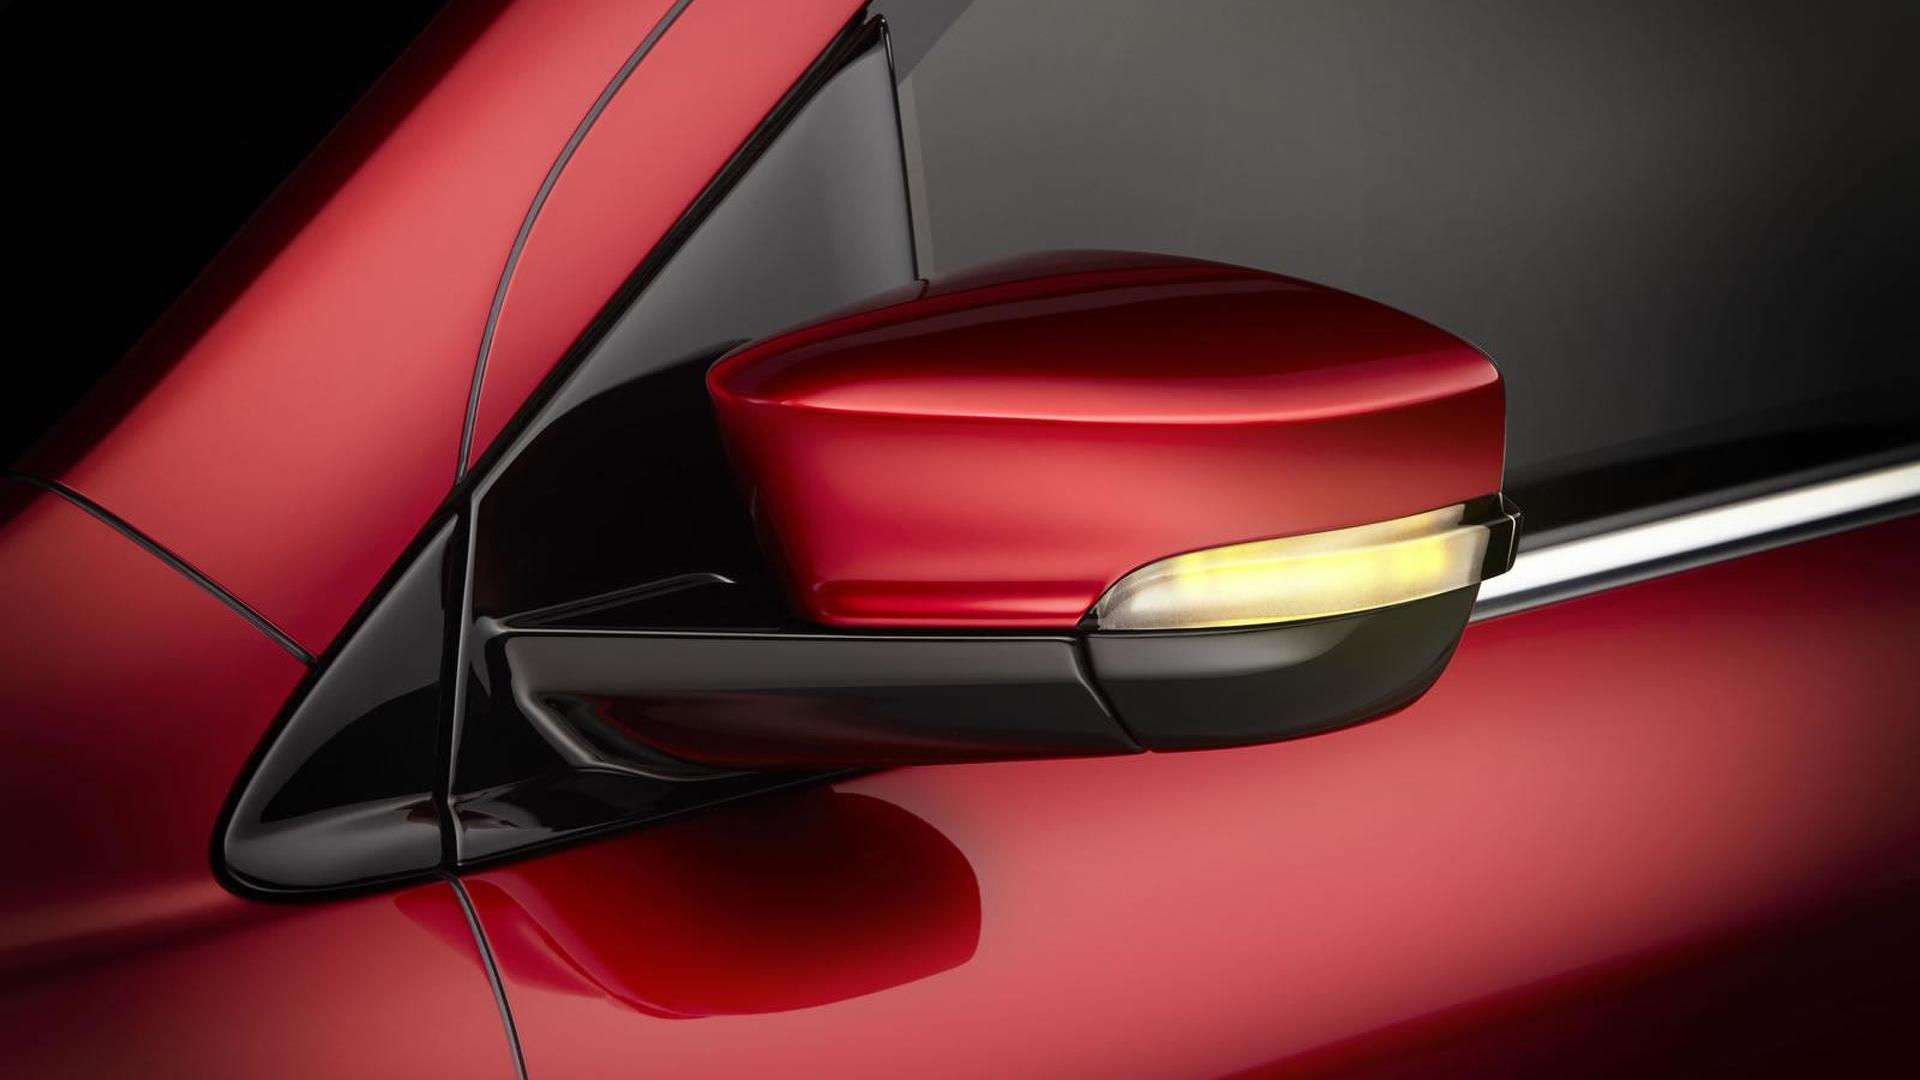 Ford introduces cute Figo small sedan concept in India [video]